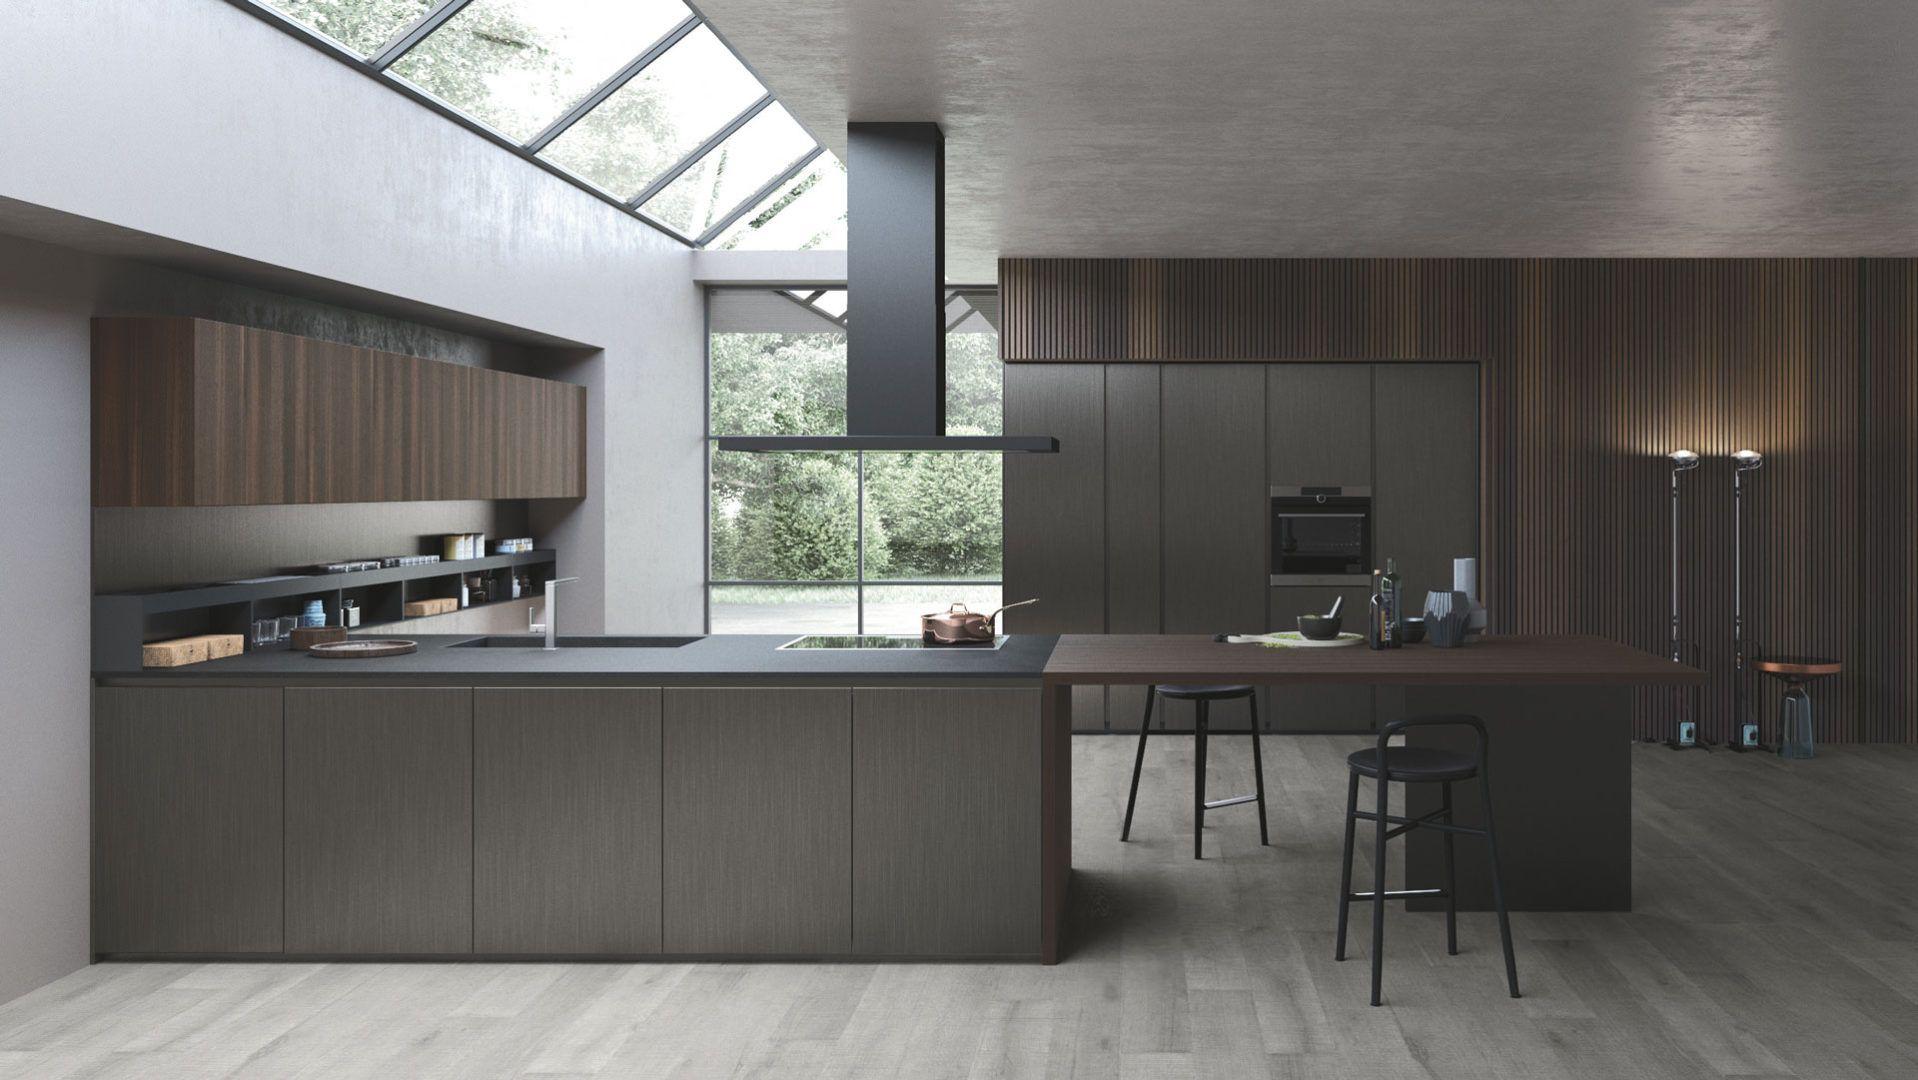 K016 01 murcia design kitchens kitchen measurements rustic kitchens kitchen units